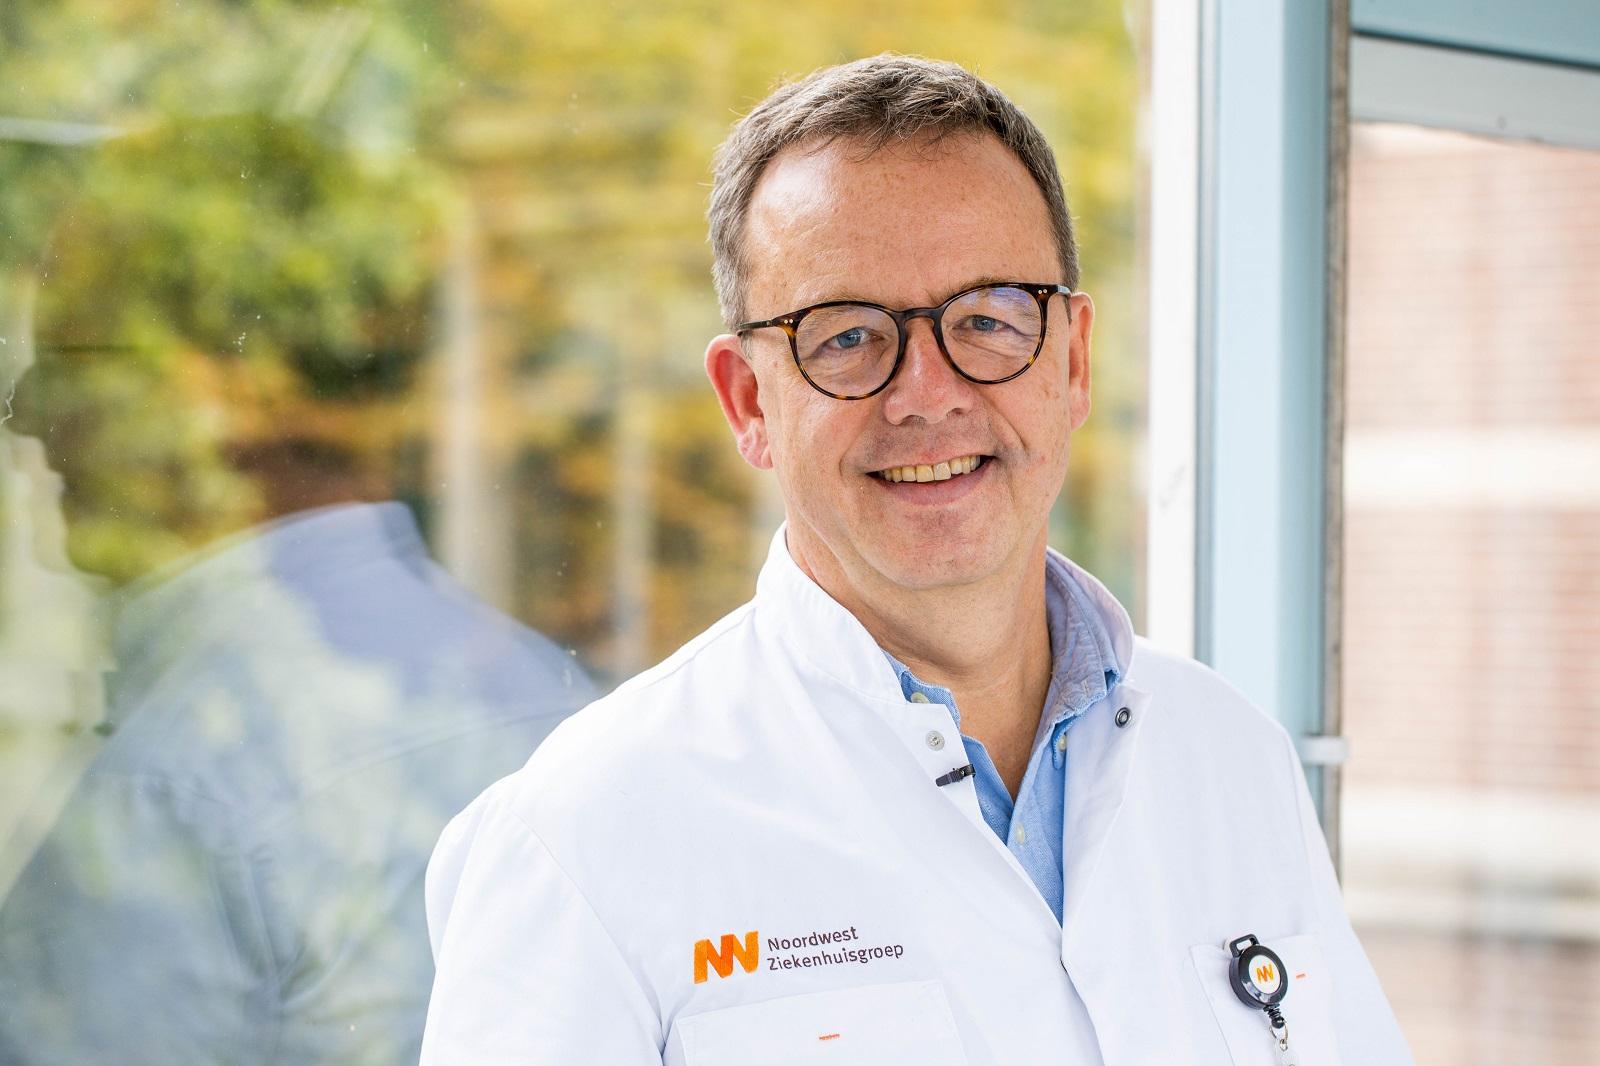 Willem Bax van Noordwest Ziekenhuisgroep